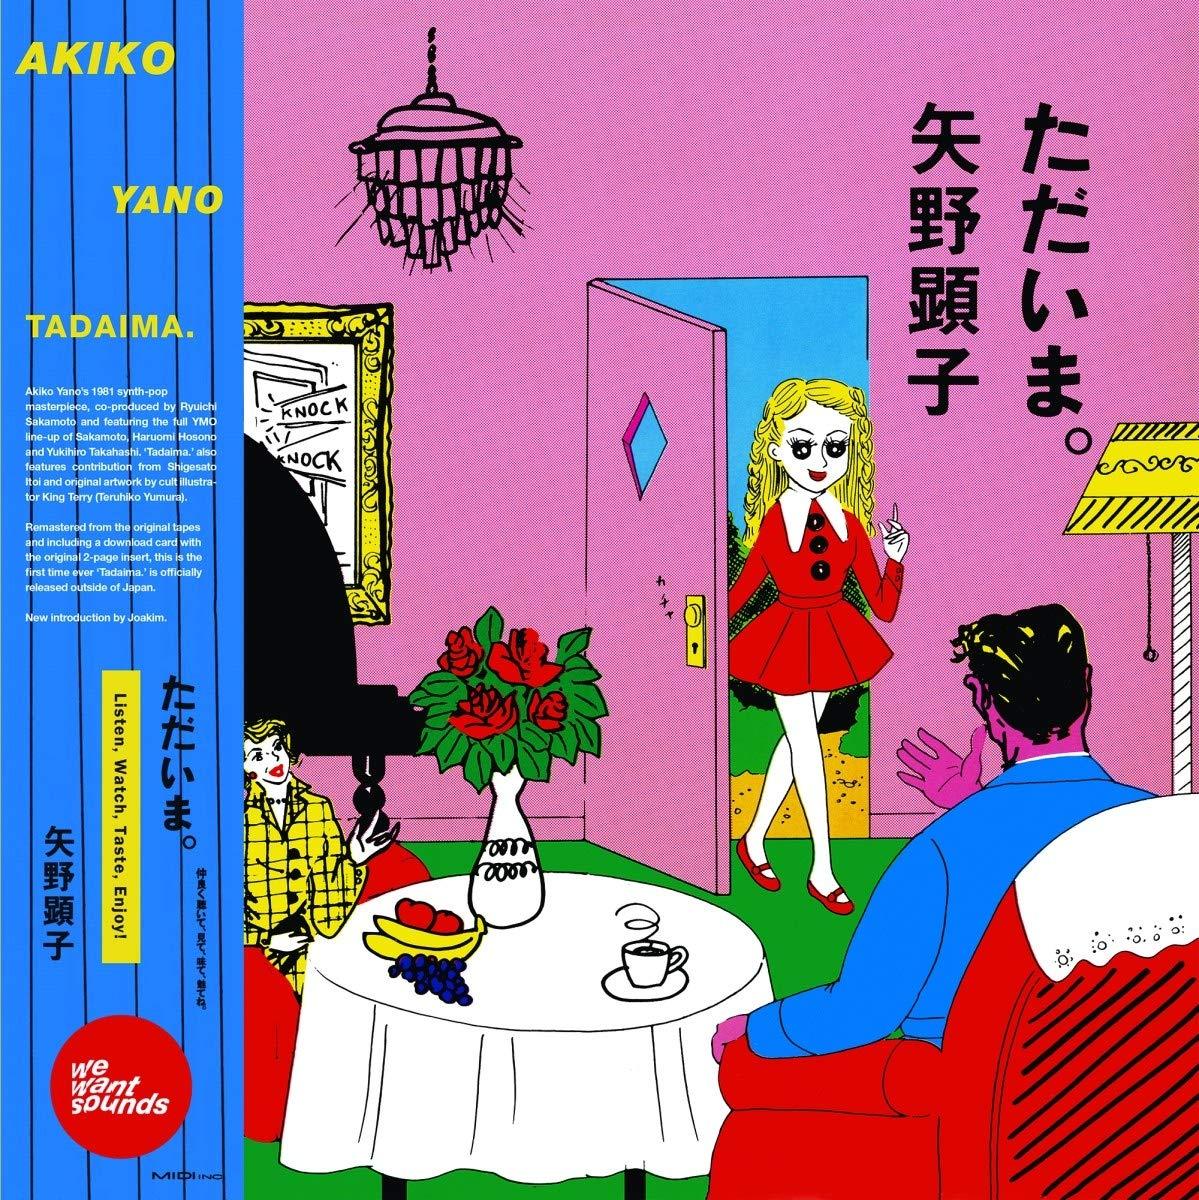 Vinilo : Akiko Yano - Tadaima. (LP Vinyl)